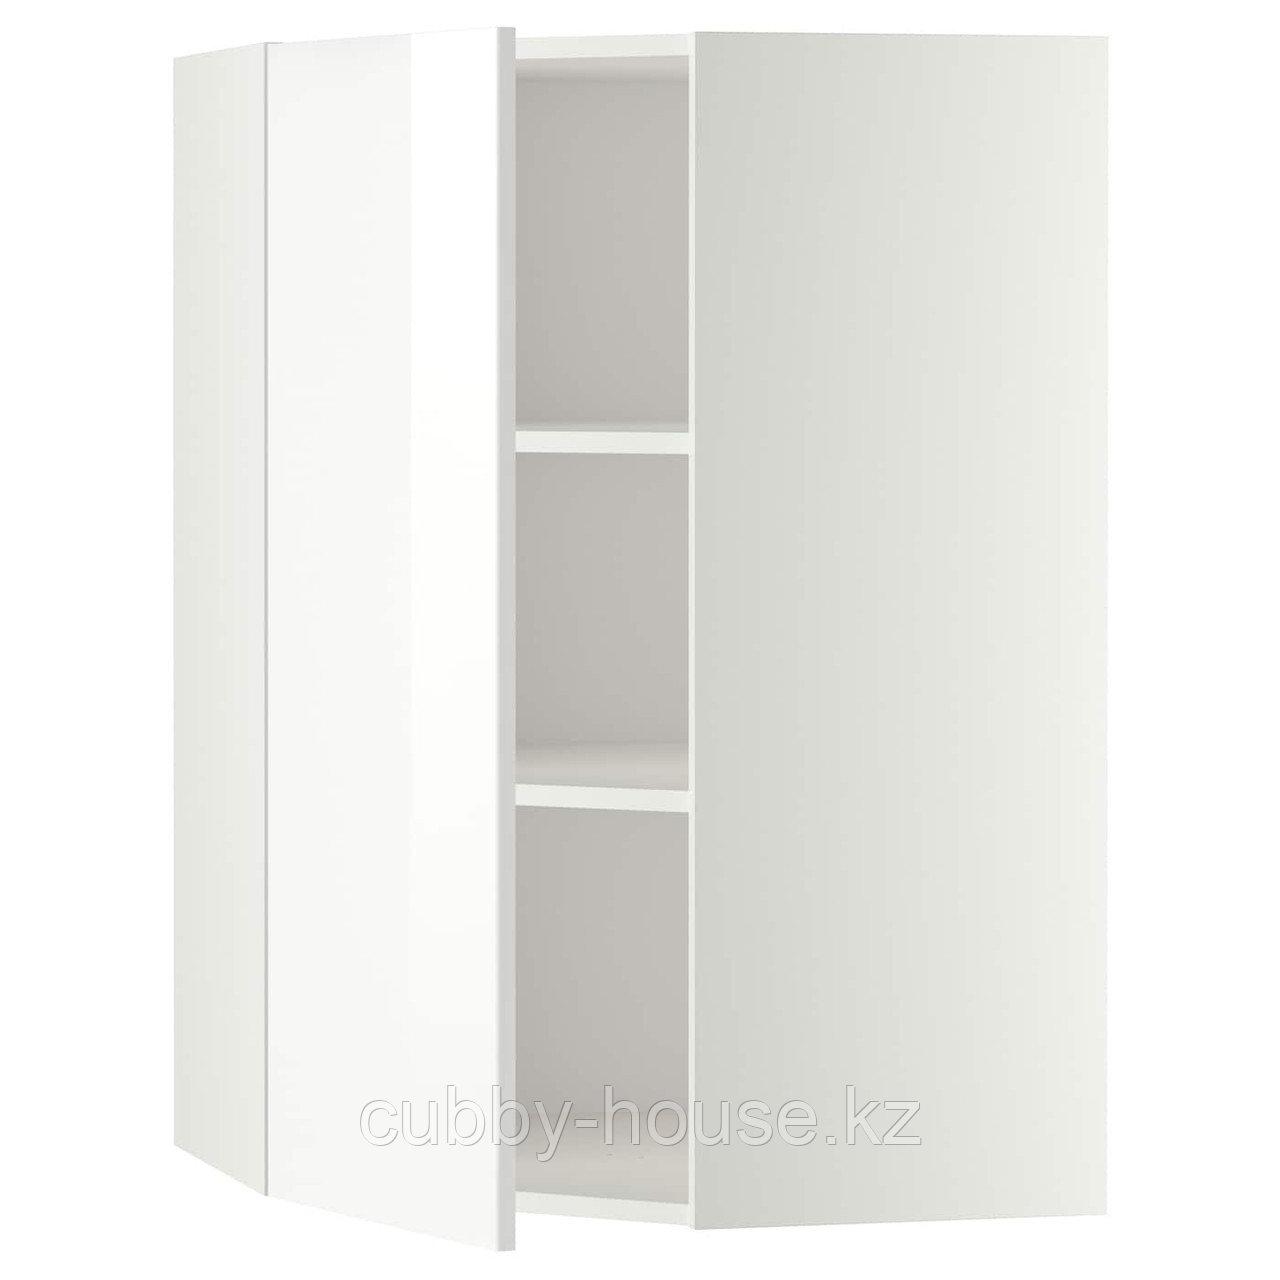 МЕТОД Угловой навесной шкаф с полками, белый, Рингульт белый, 68x80 см